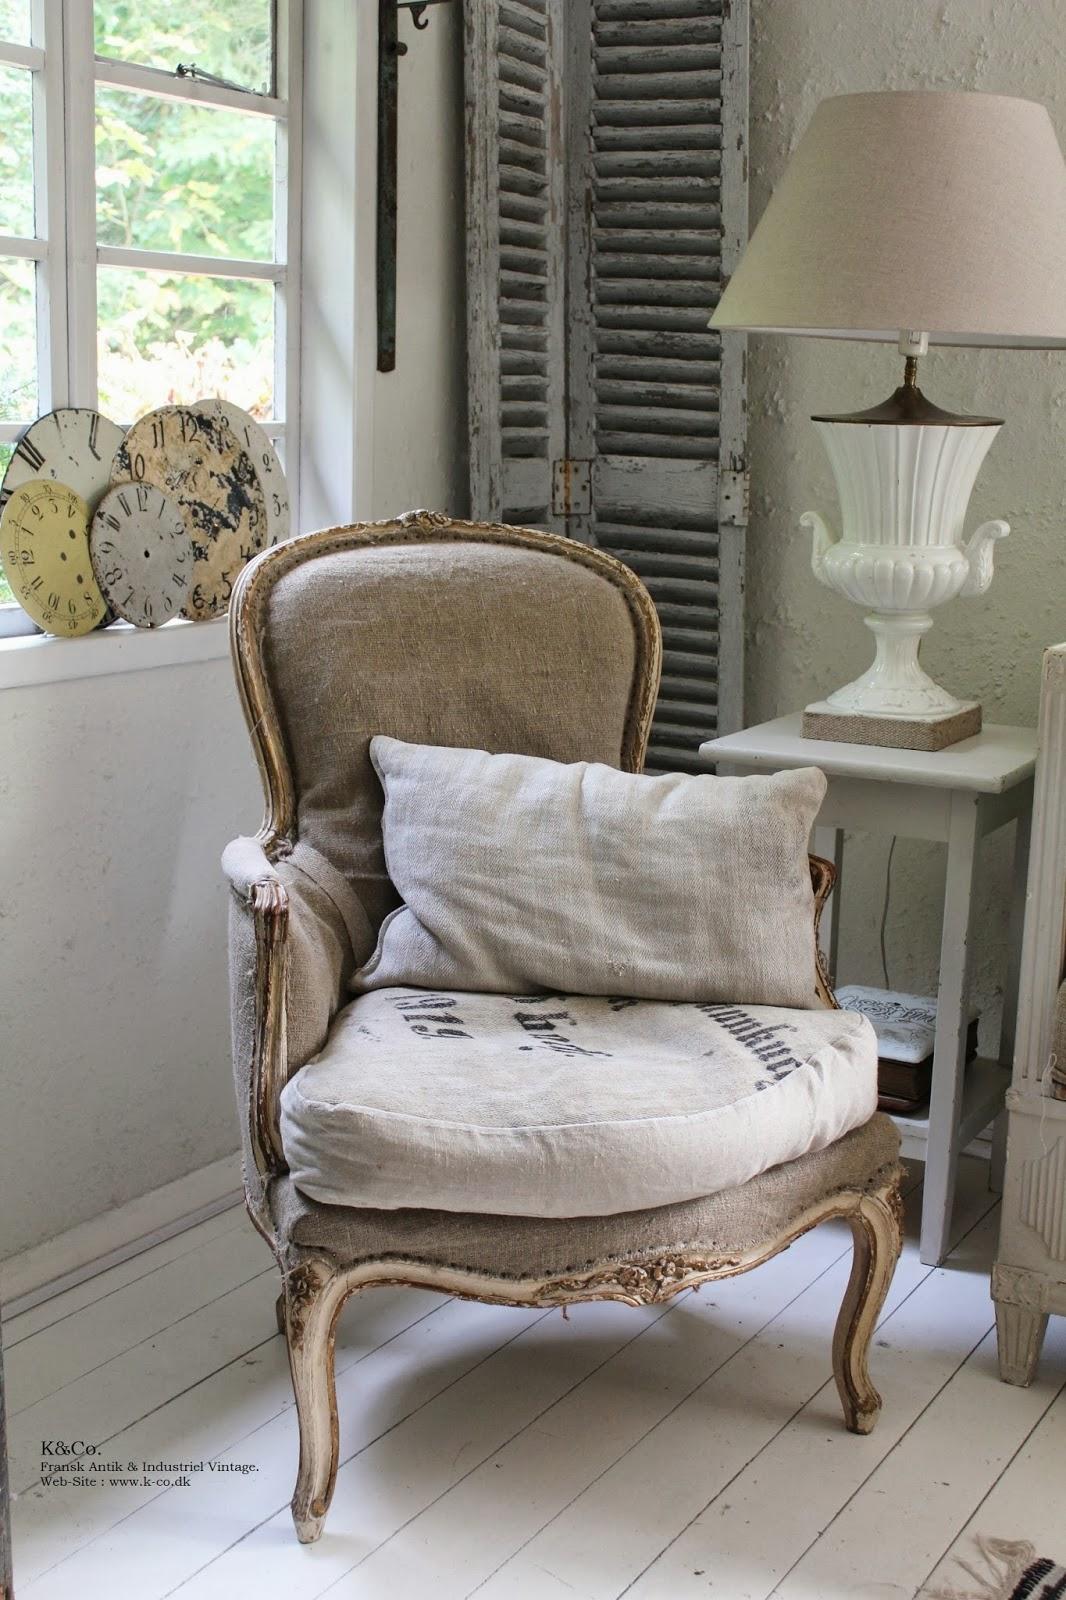 k co antiques s indretnings blog min passion for vintage antik dekoration. Black Bedroom Furniture Sets. Home Design Ideas